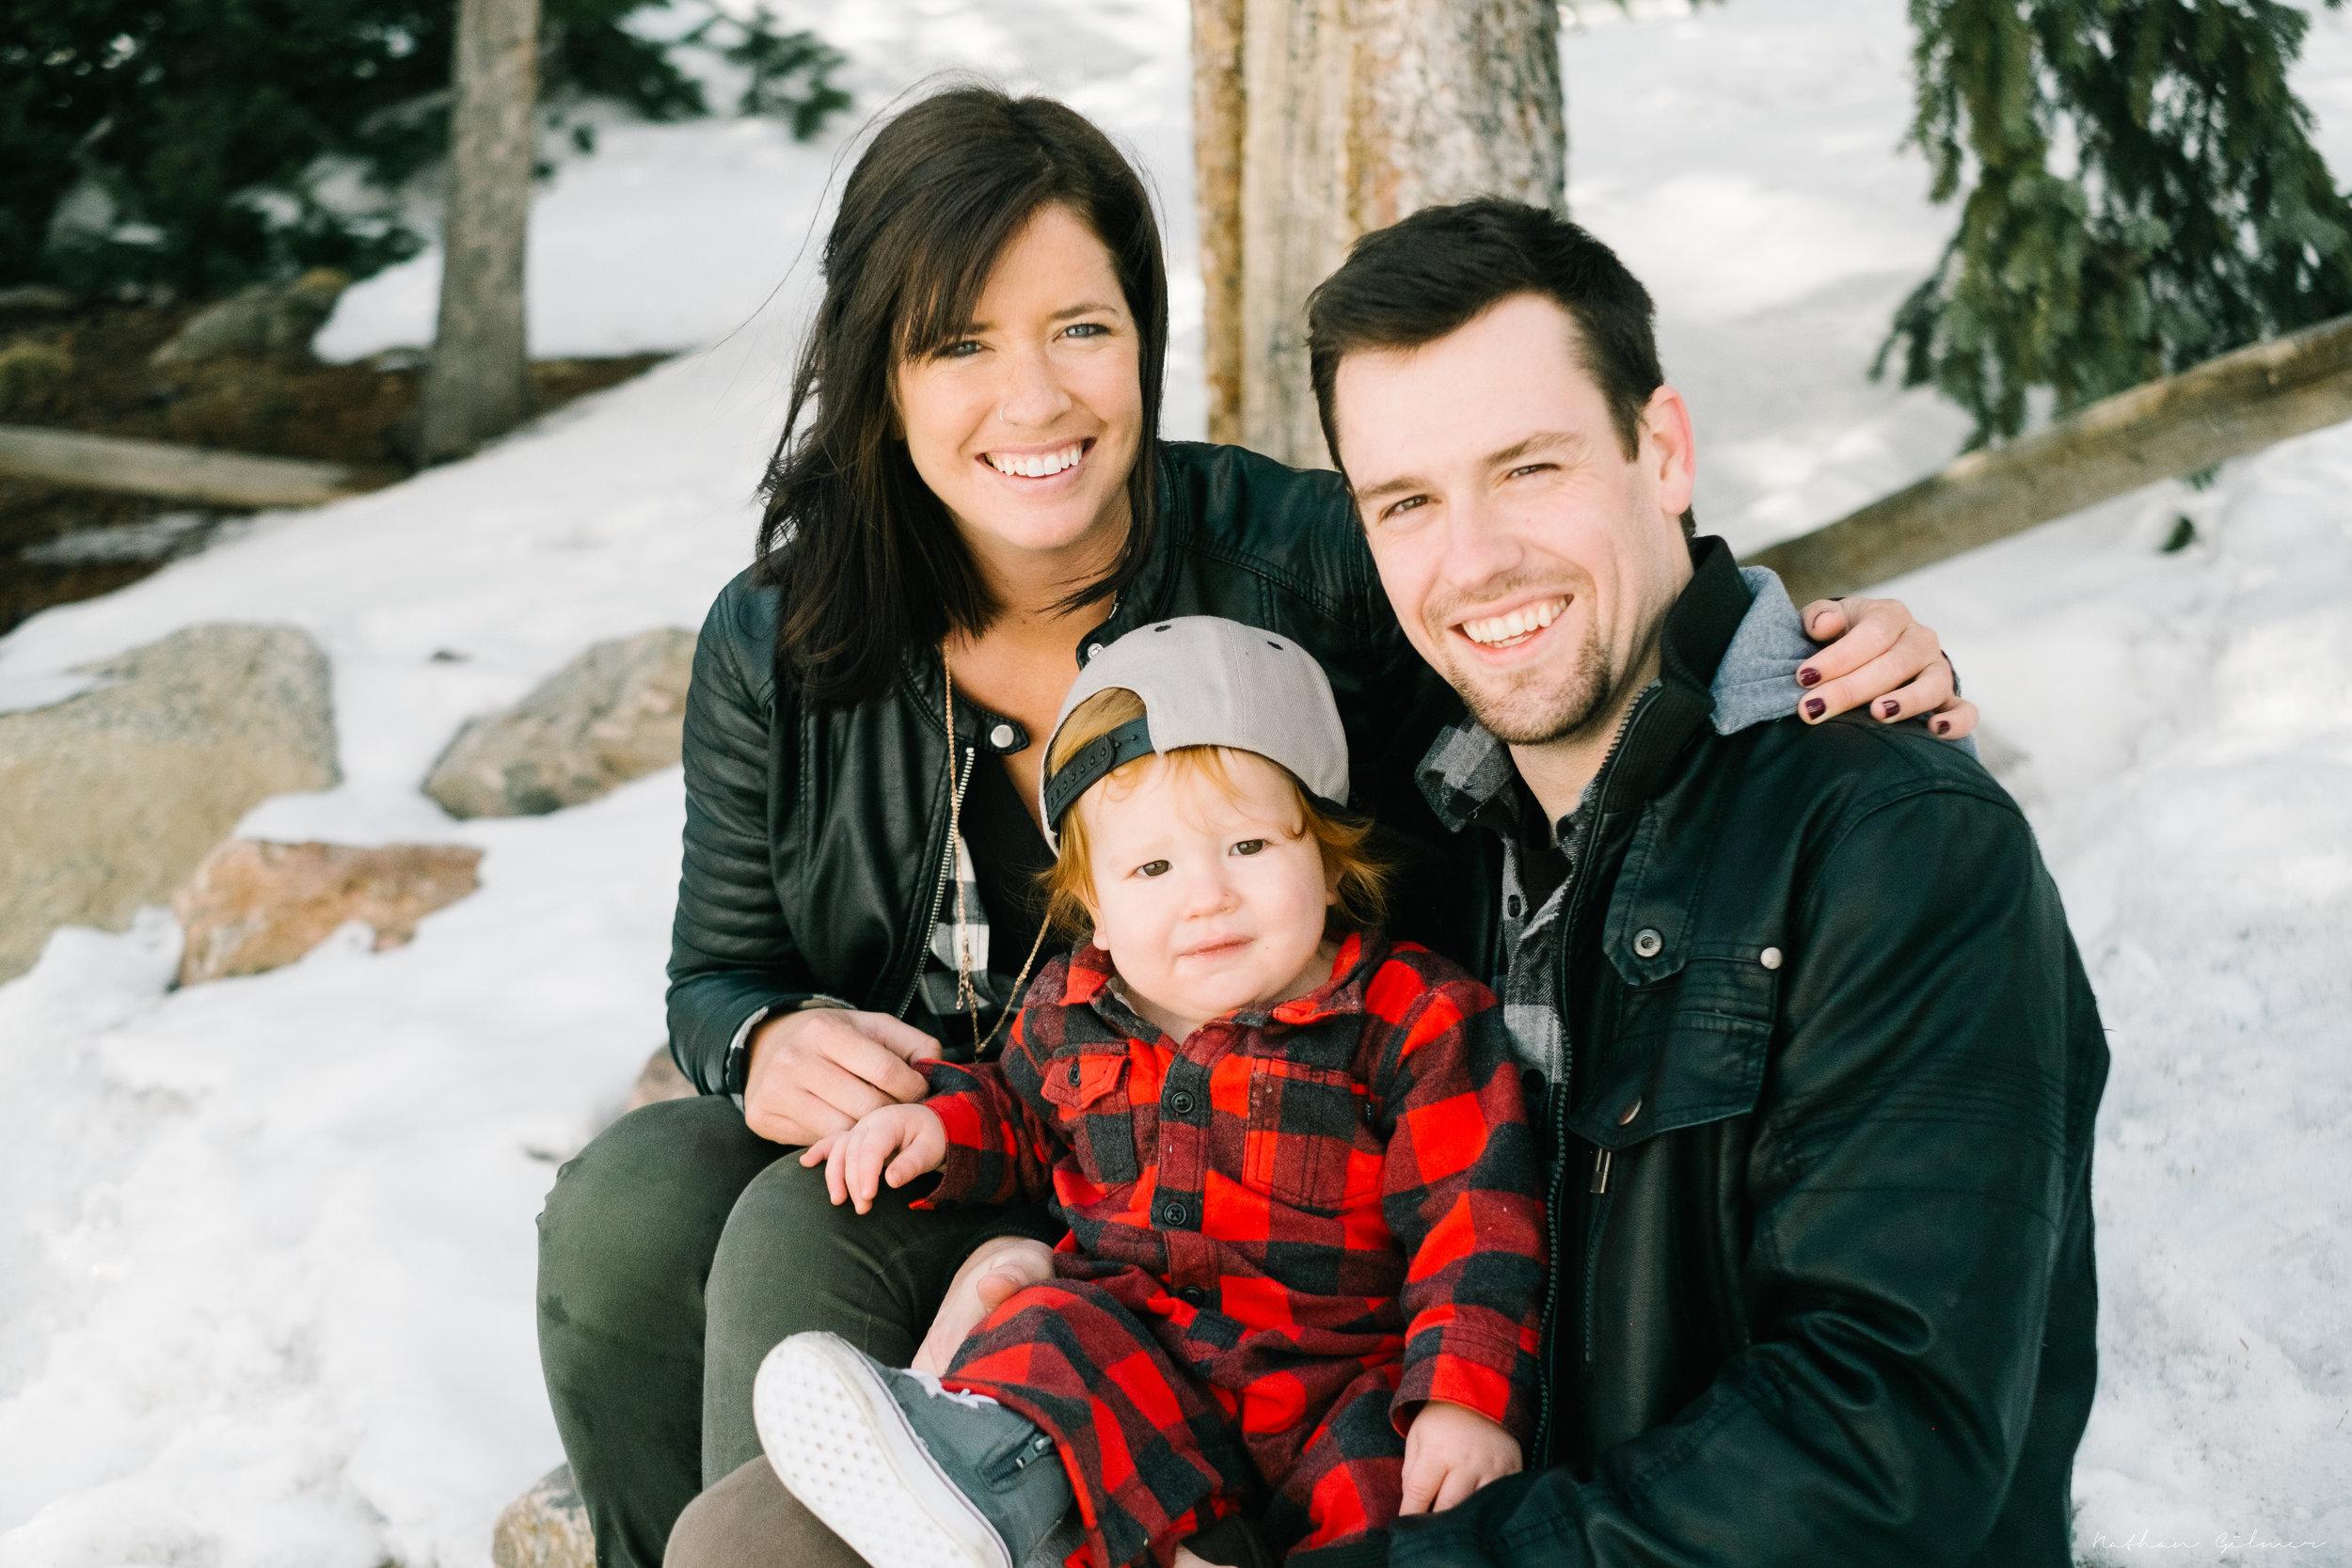 Colorado Winter Portraits-17.jpg